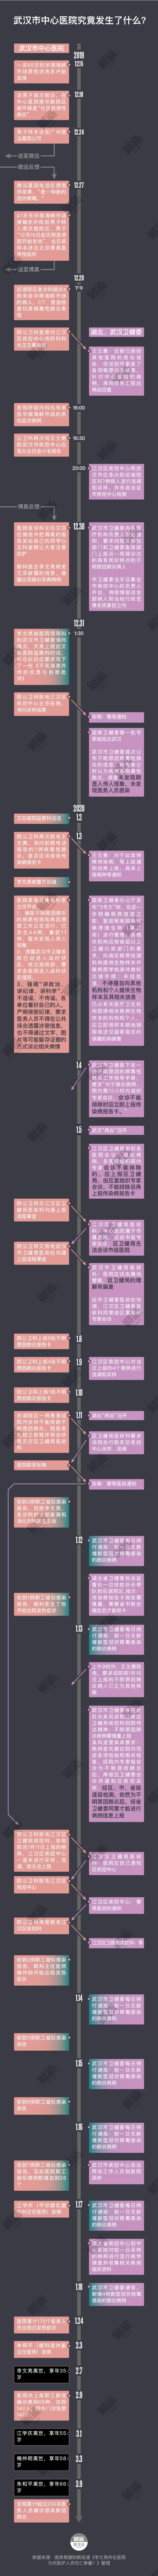 武汉时间线水印